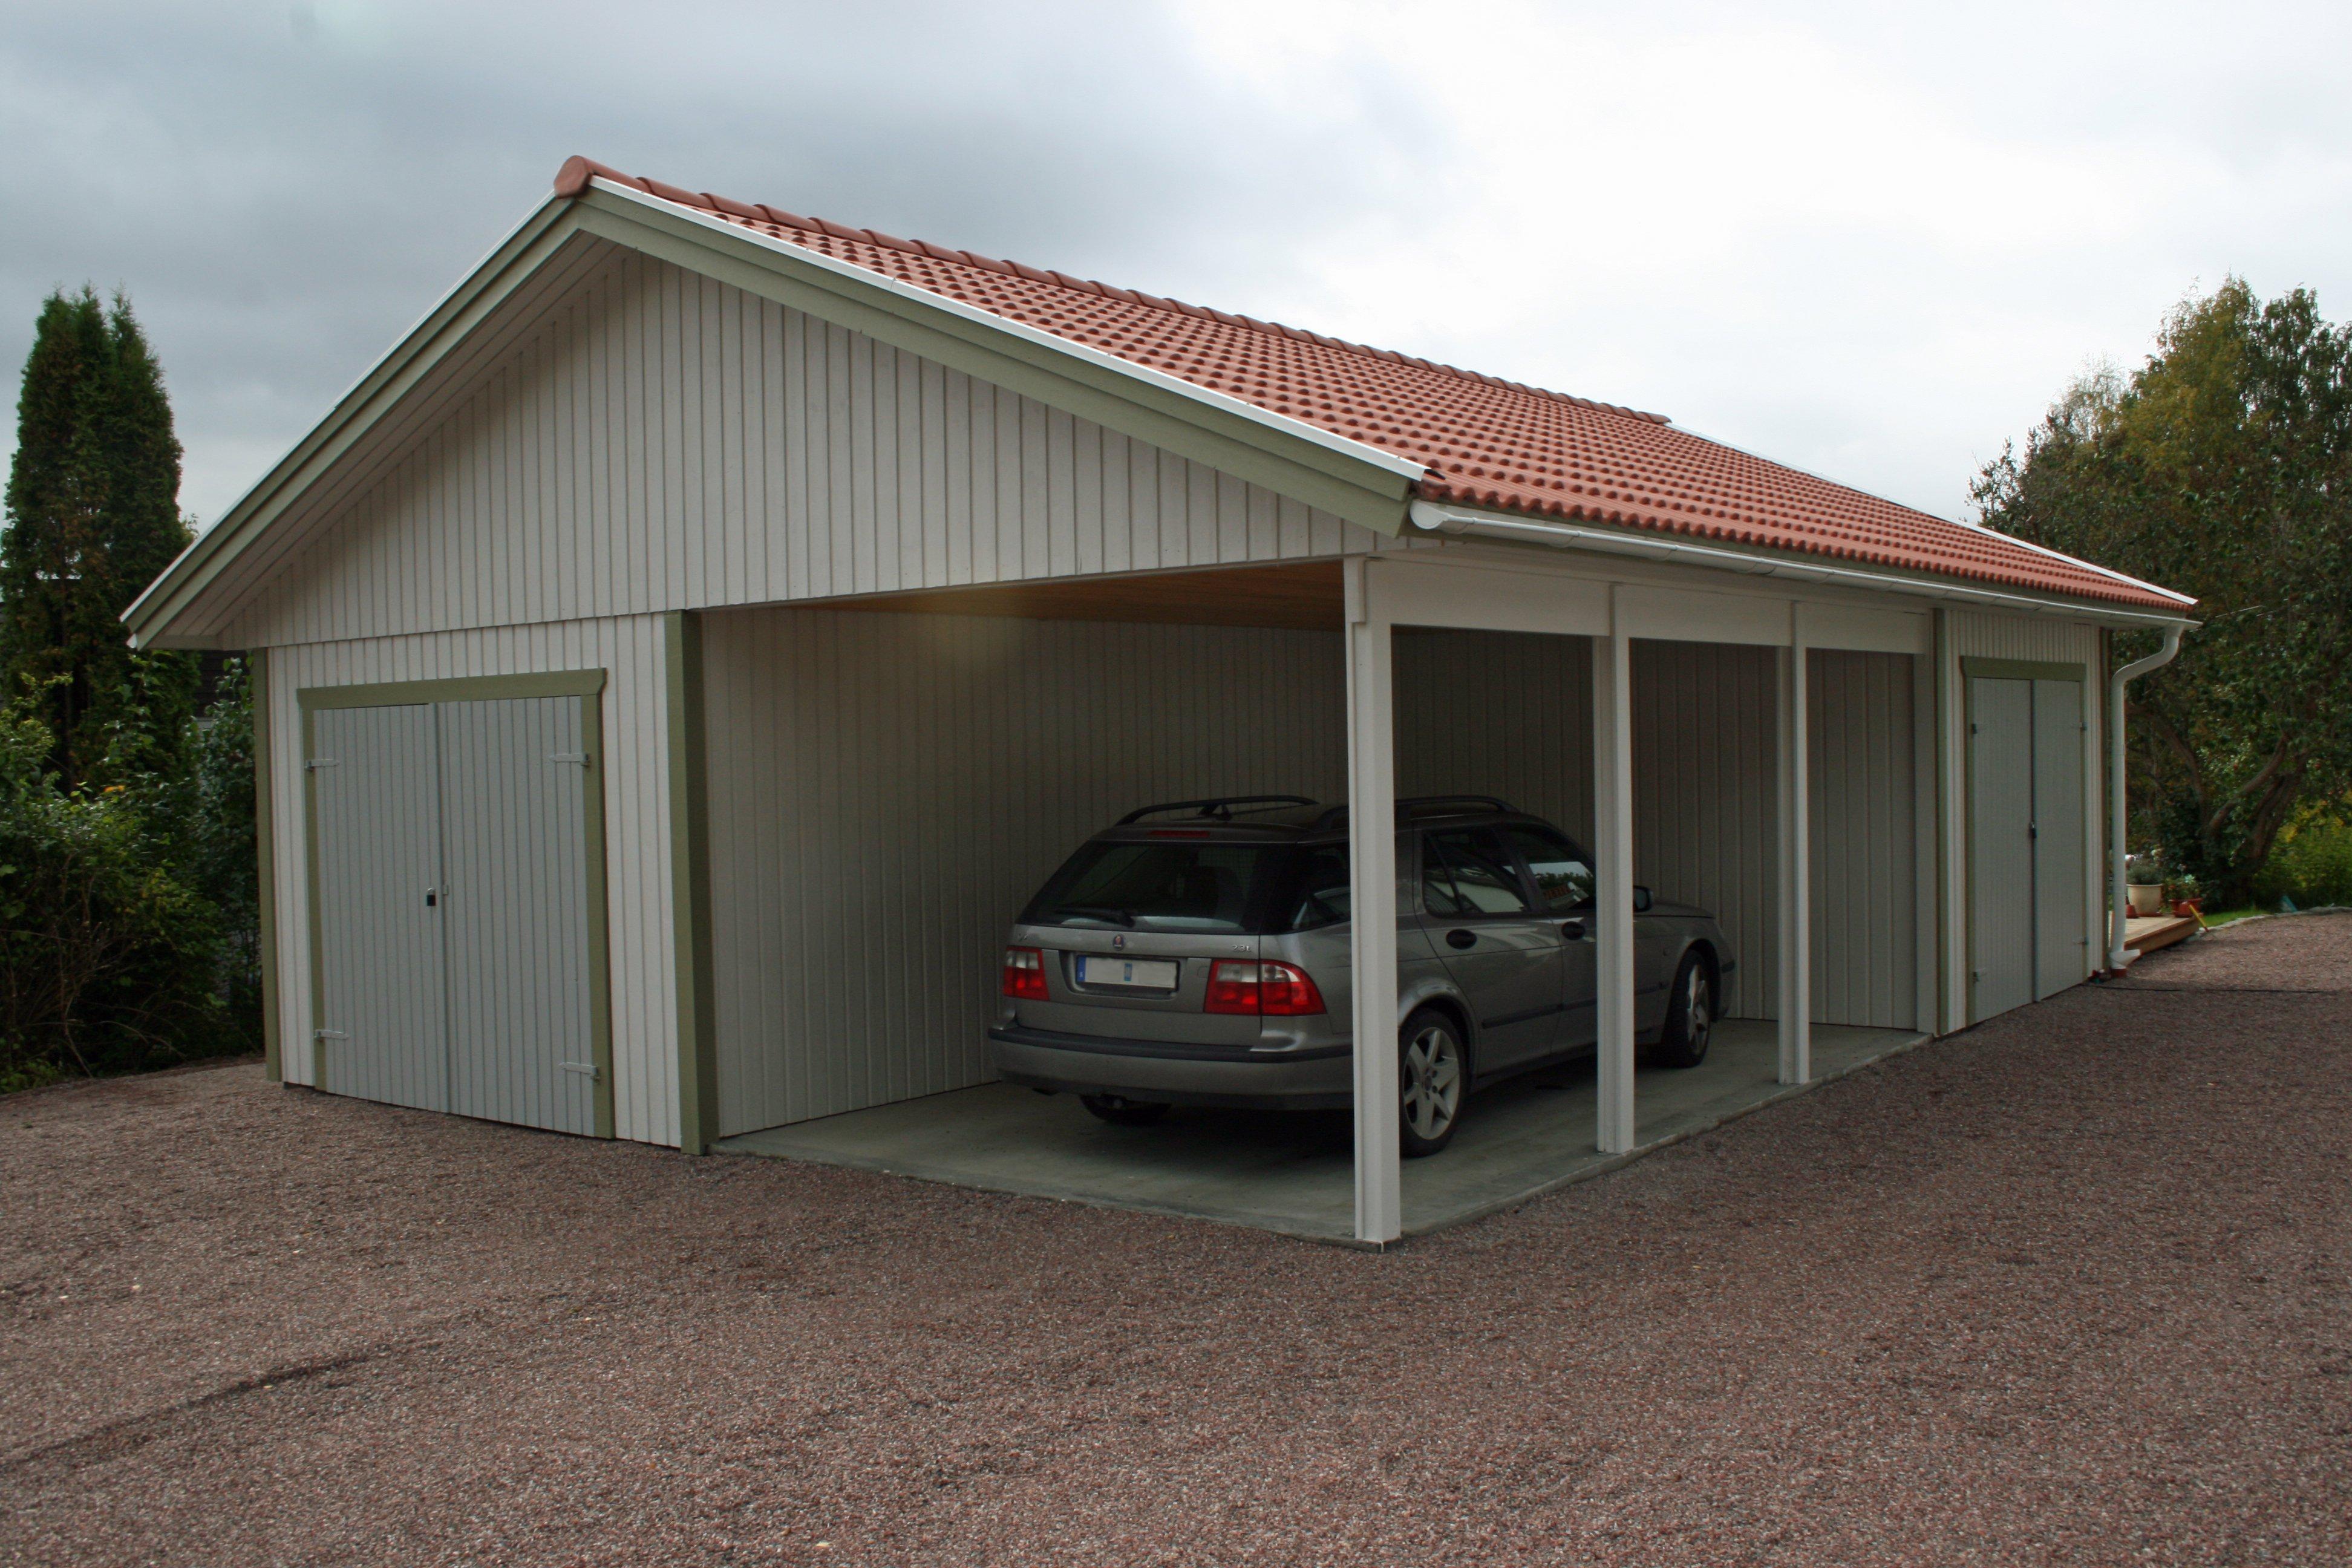 Bilder carport carport med garage carport med f rr d for Garages carports